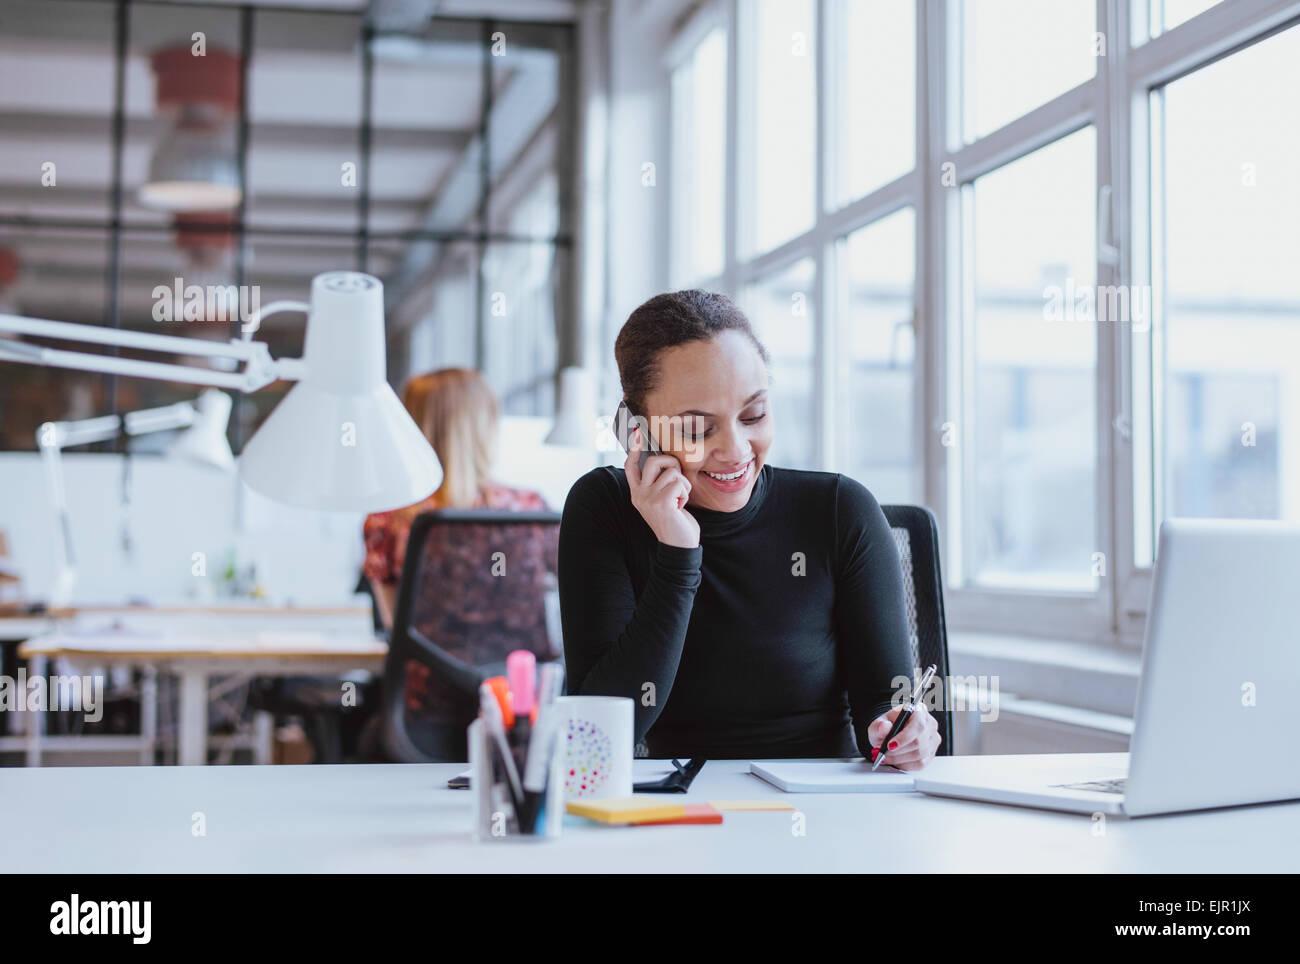 Felice giovane donna a prendere appunti mentre parlano al telefono cellulare. Donna Africana a lavorare alla sua Immagini Stock